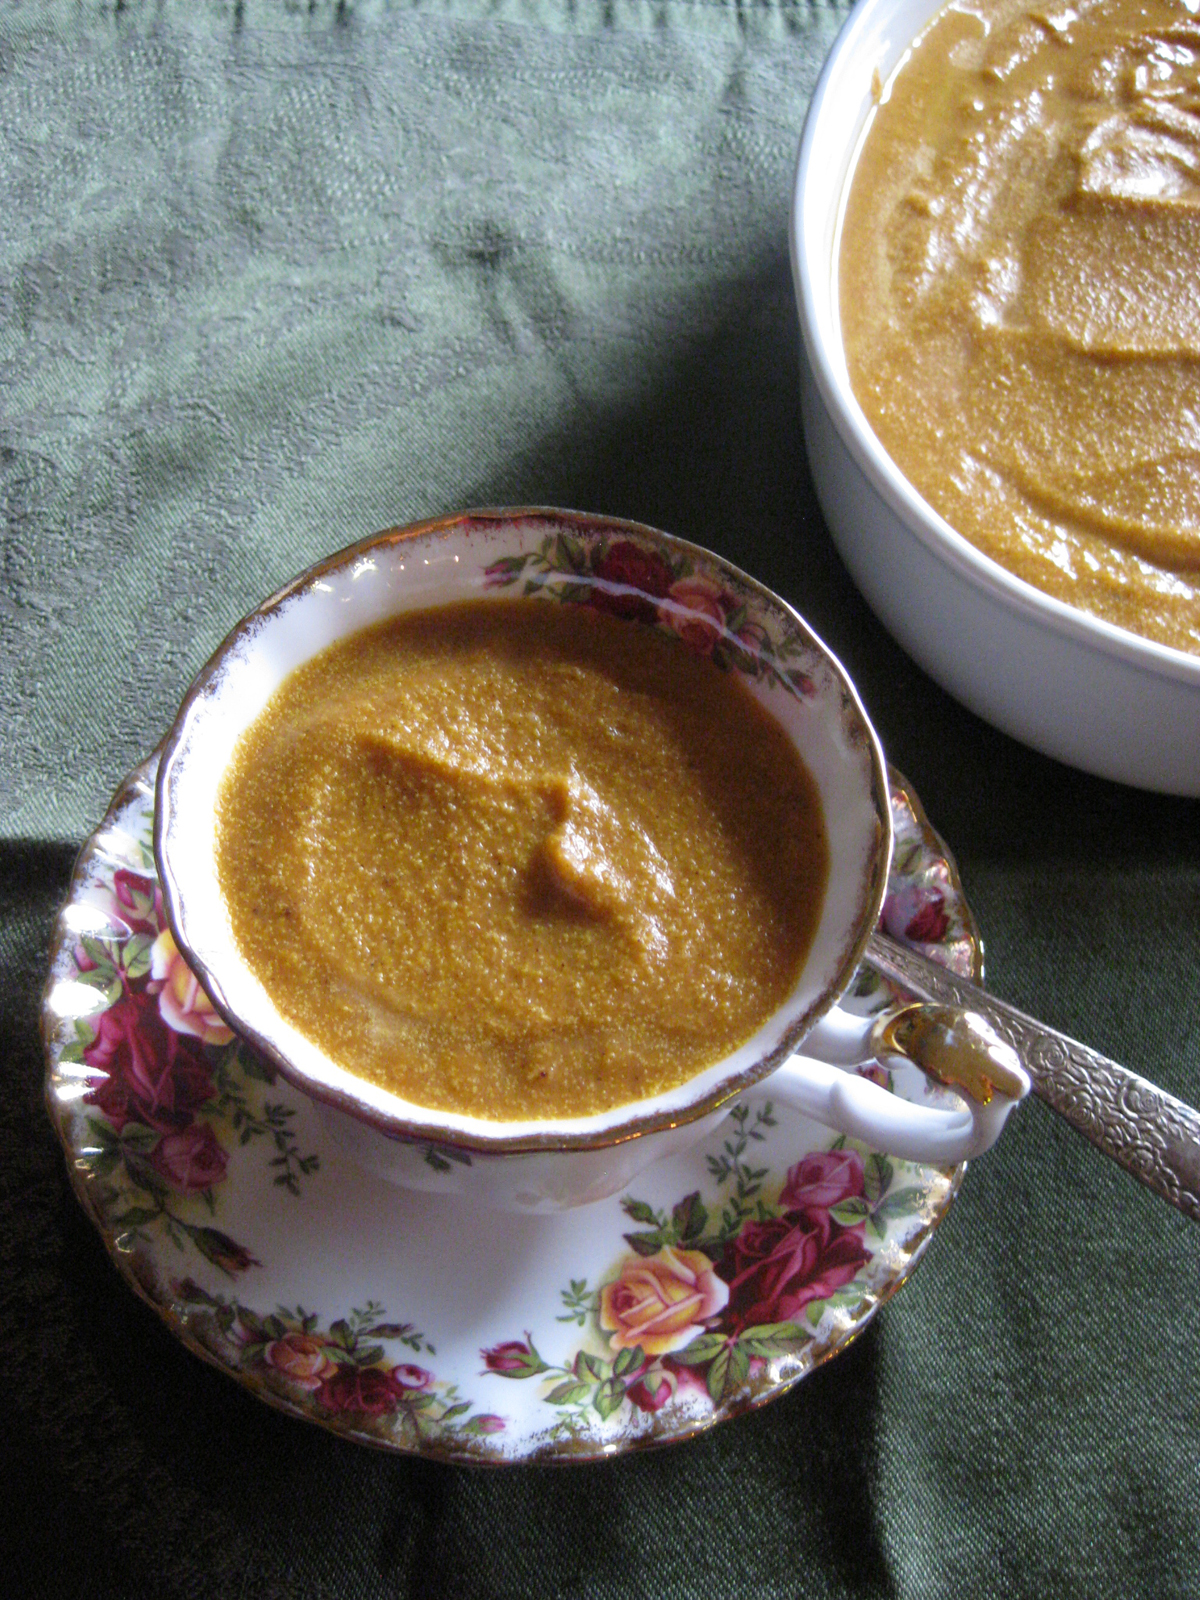 Pumpkin Pie Panna Cotta: The Elegant, 5-Minute, No-Bake Thanksgiving Dessert